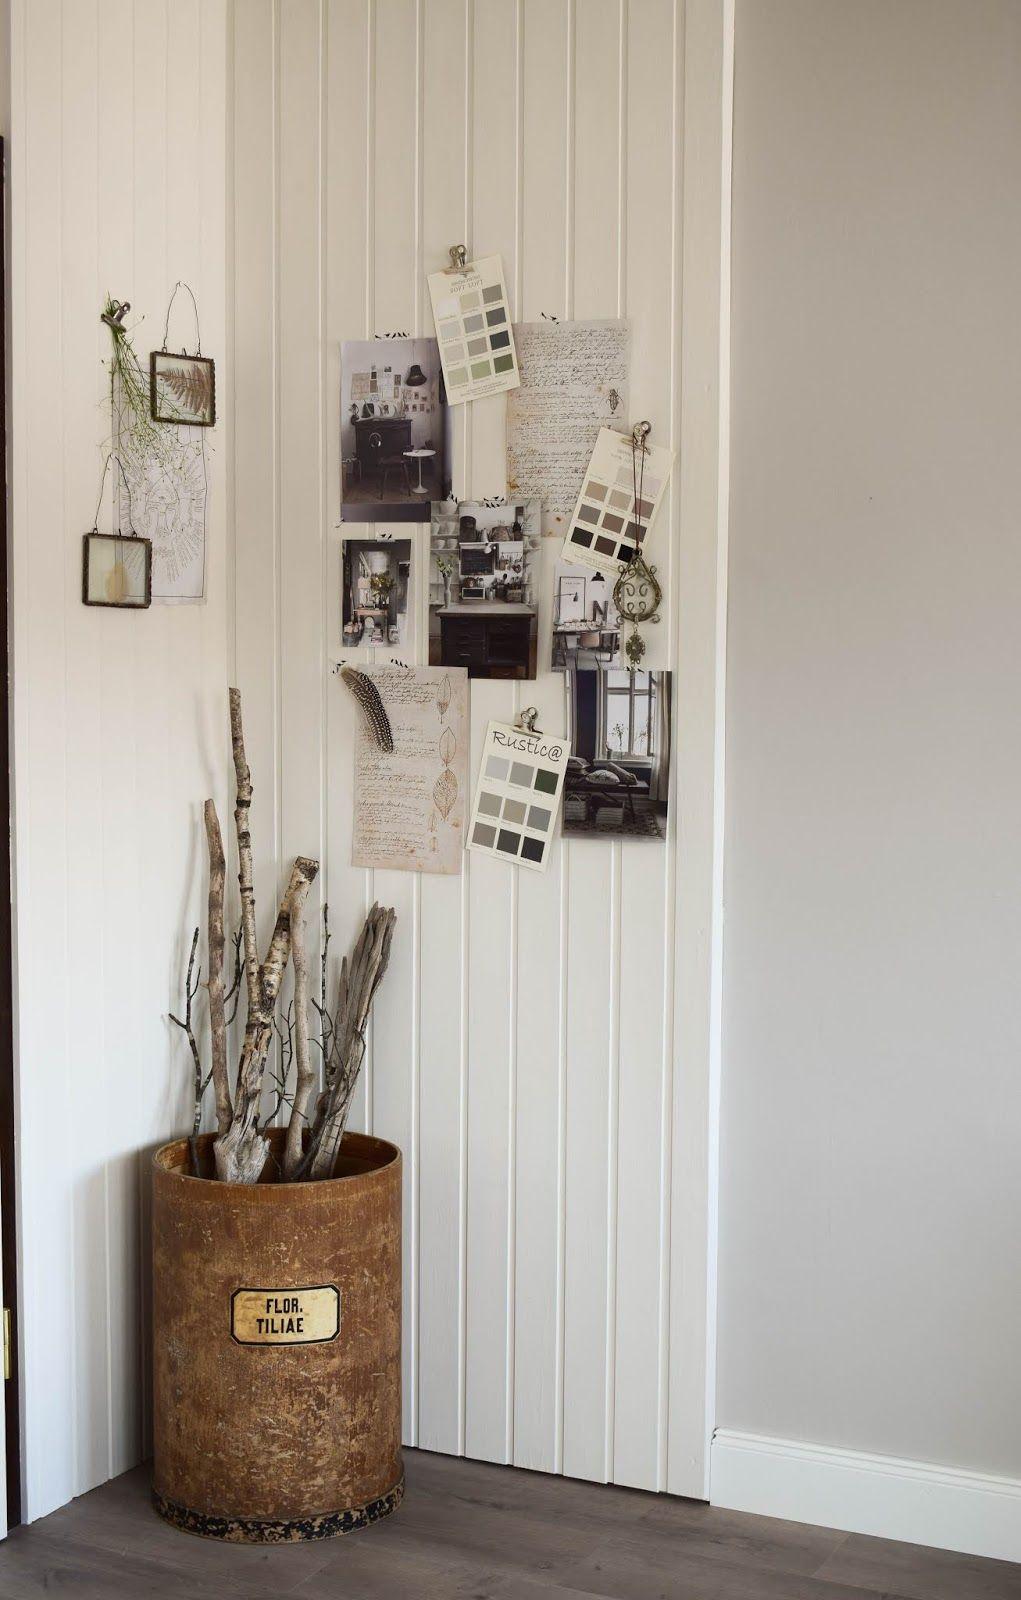 Wandverkleidung DIY aus Holz mit Nut und Federbretter Kreidefarbe ...